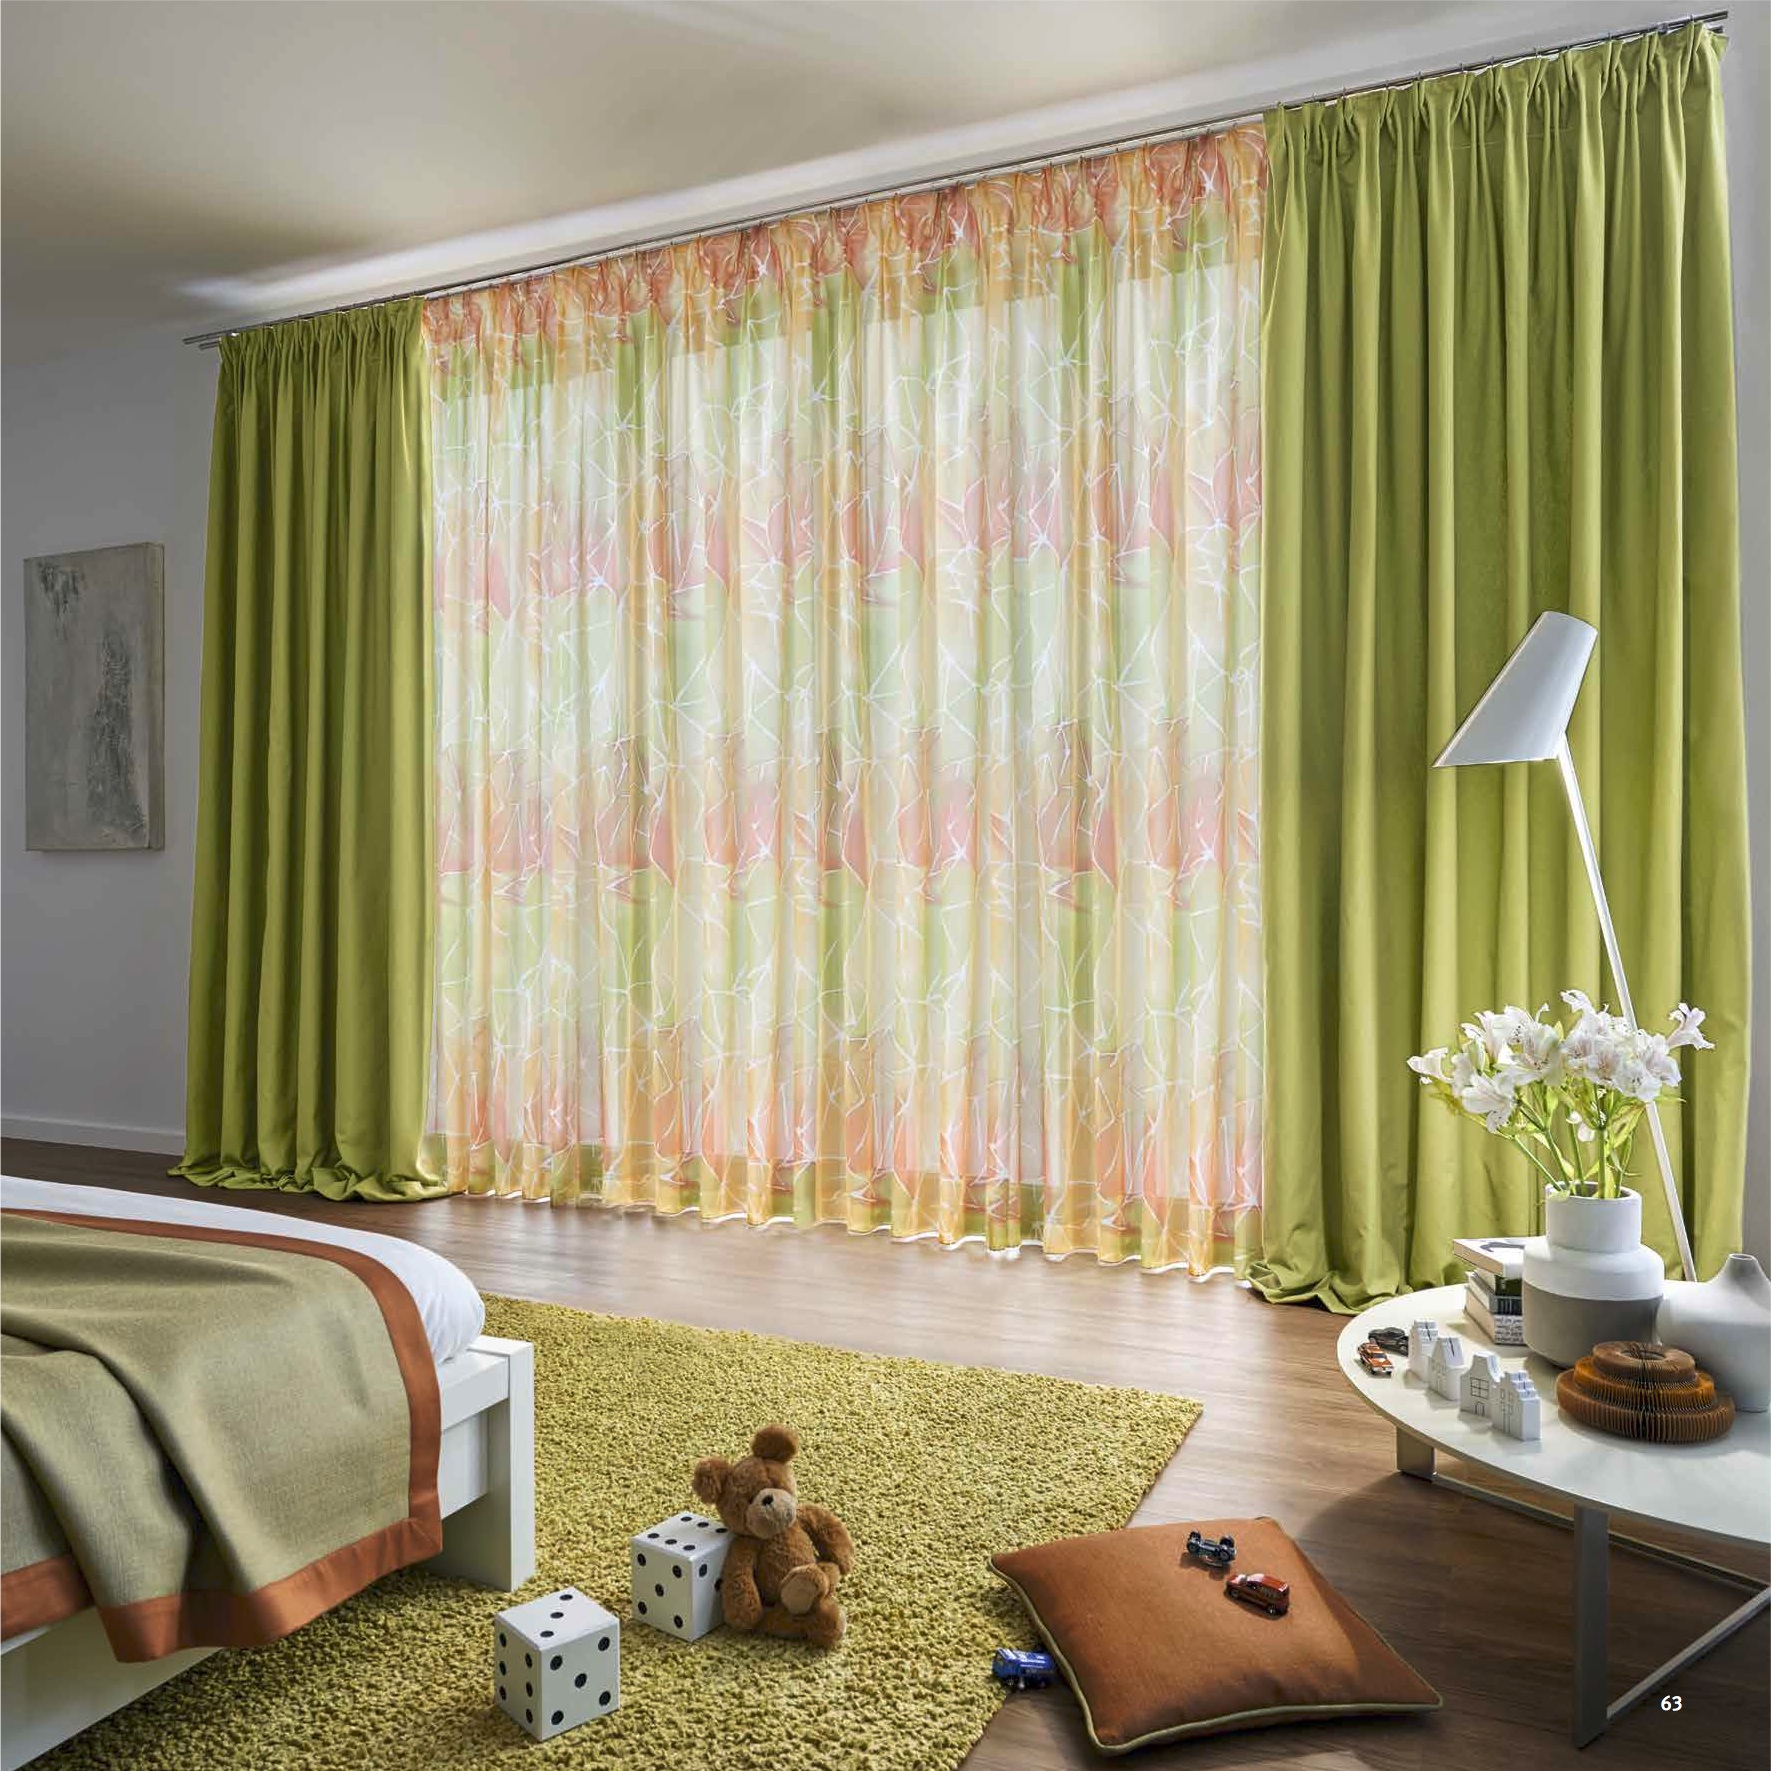 Jab farbenfroher Vorhang